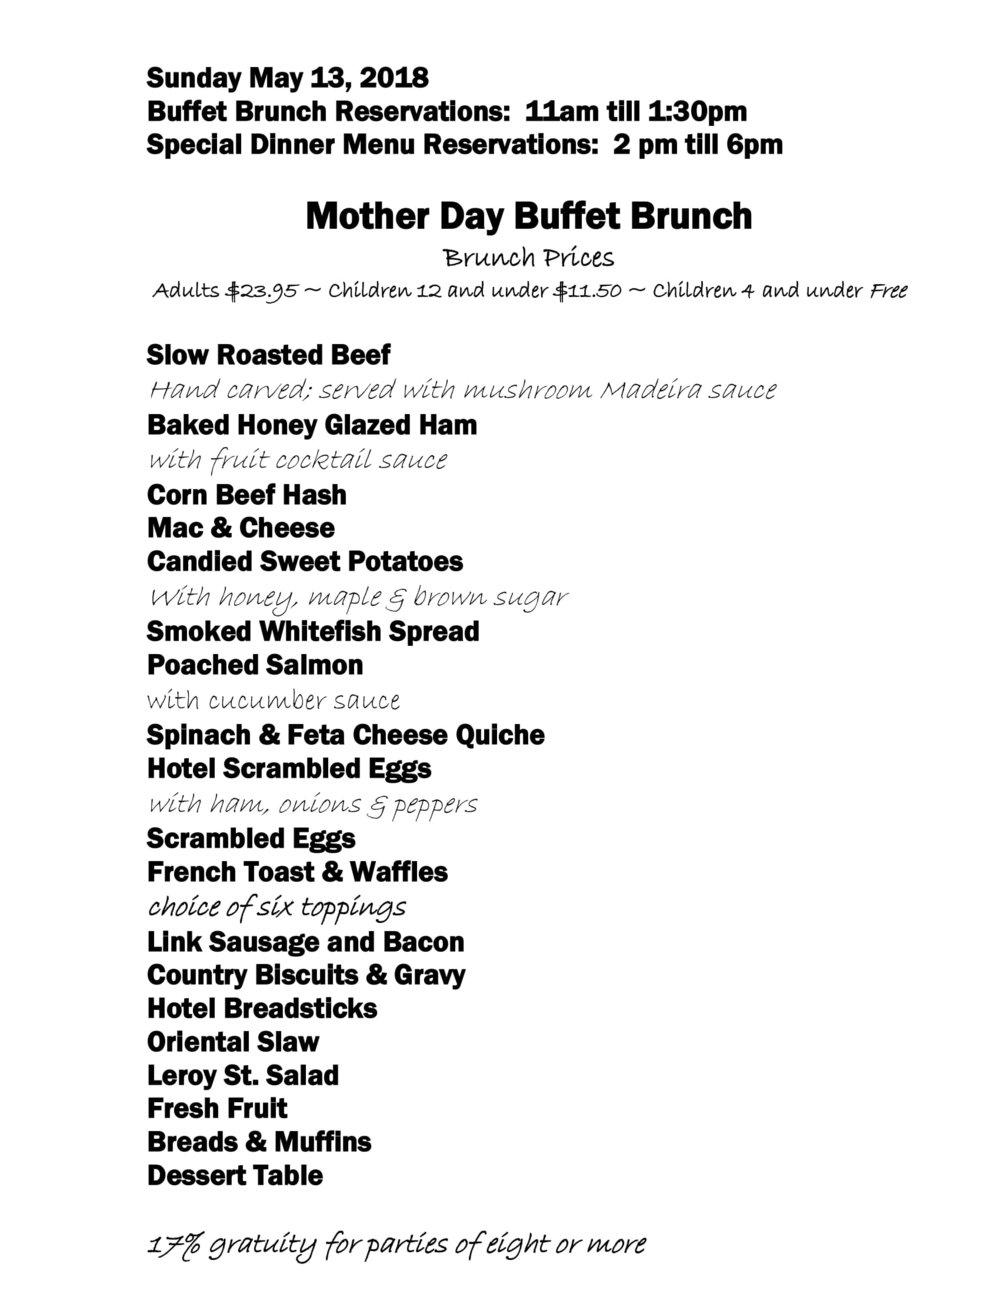 Mother's Day Buffet Brunch-1.jpg